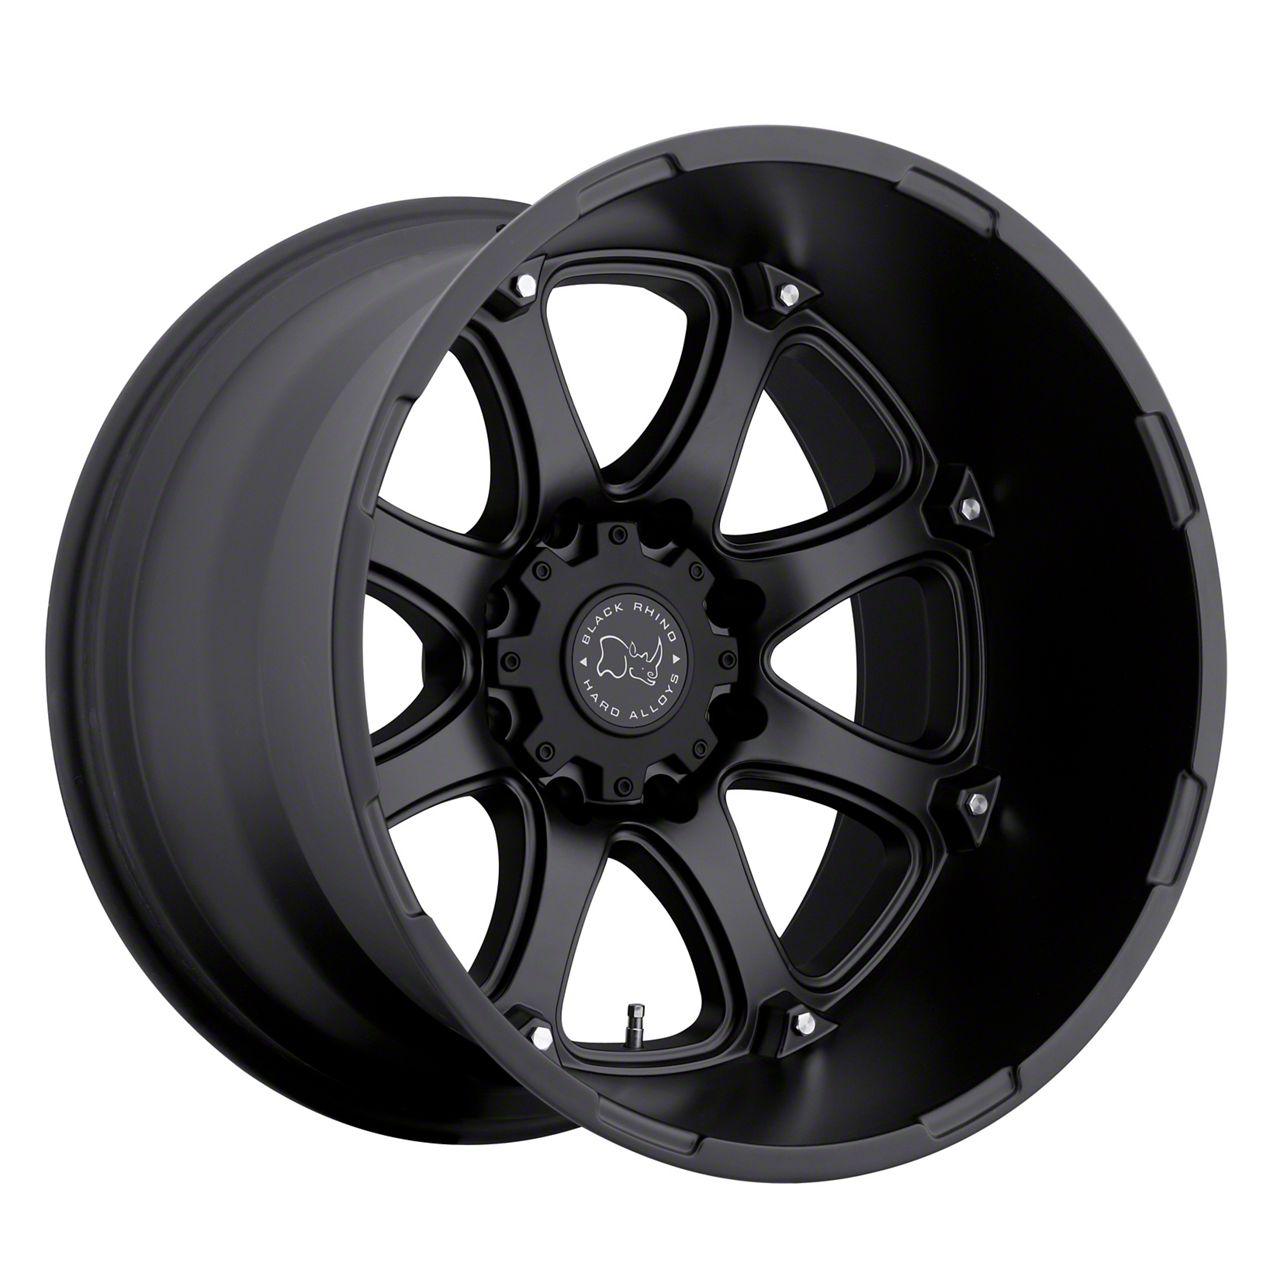 Black Rhino Glamis Matte Black 6-Lug Wheel - 22x14 (99-19 Silverado 1500)